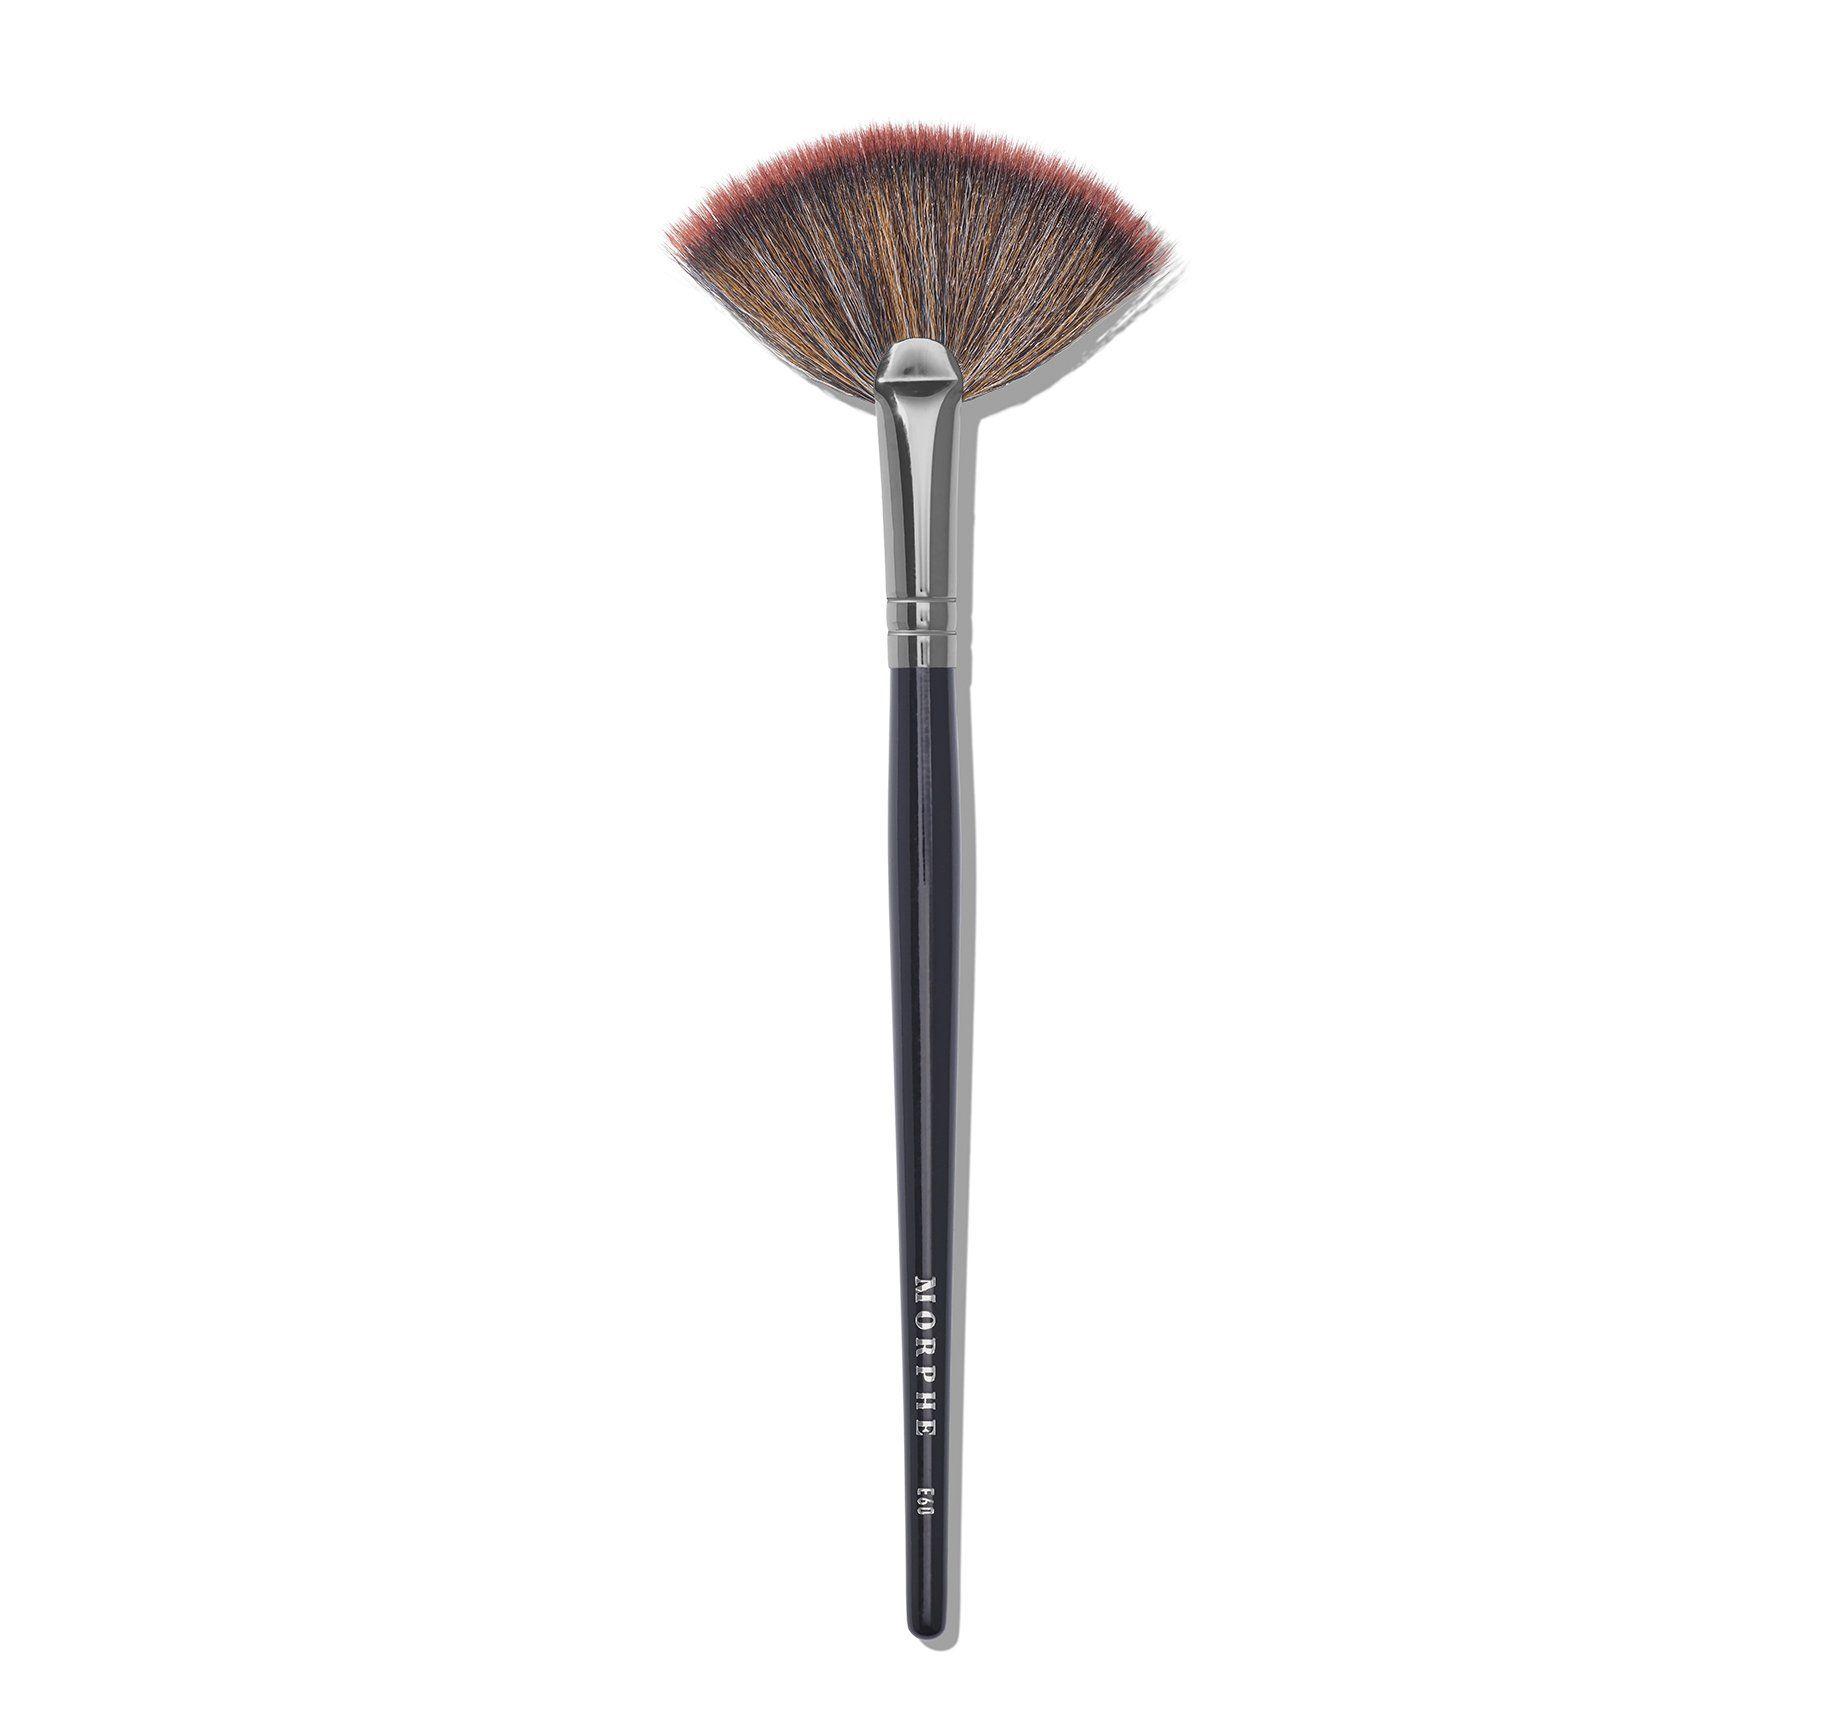 Morphe E60 Deluxe Highlight Fan Makeup Brush In 2020 Fan Brush Makeup Makeup Brushes Makeup Brushes Morphe